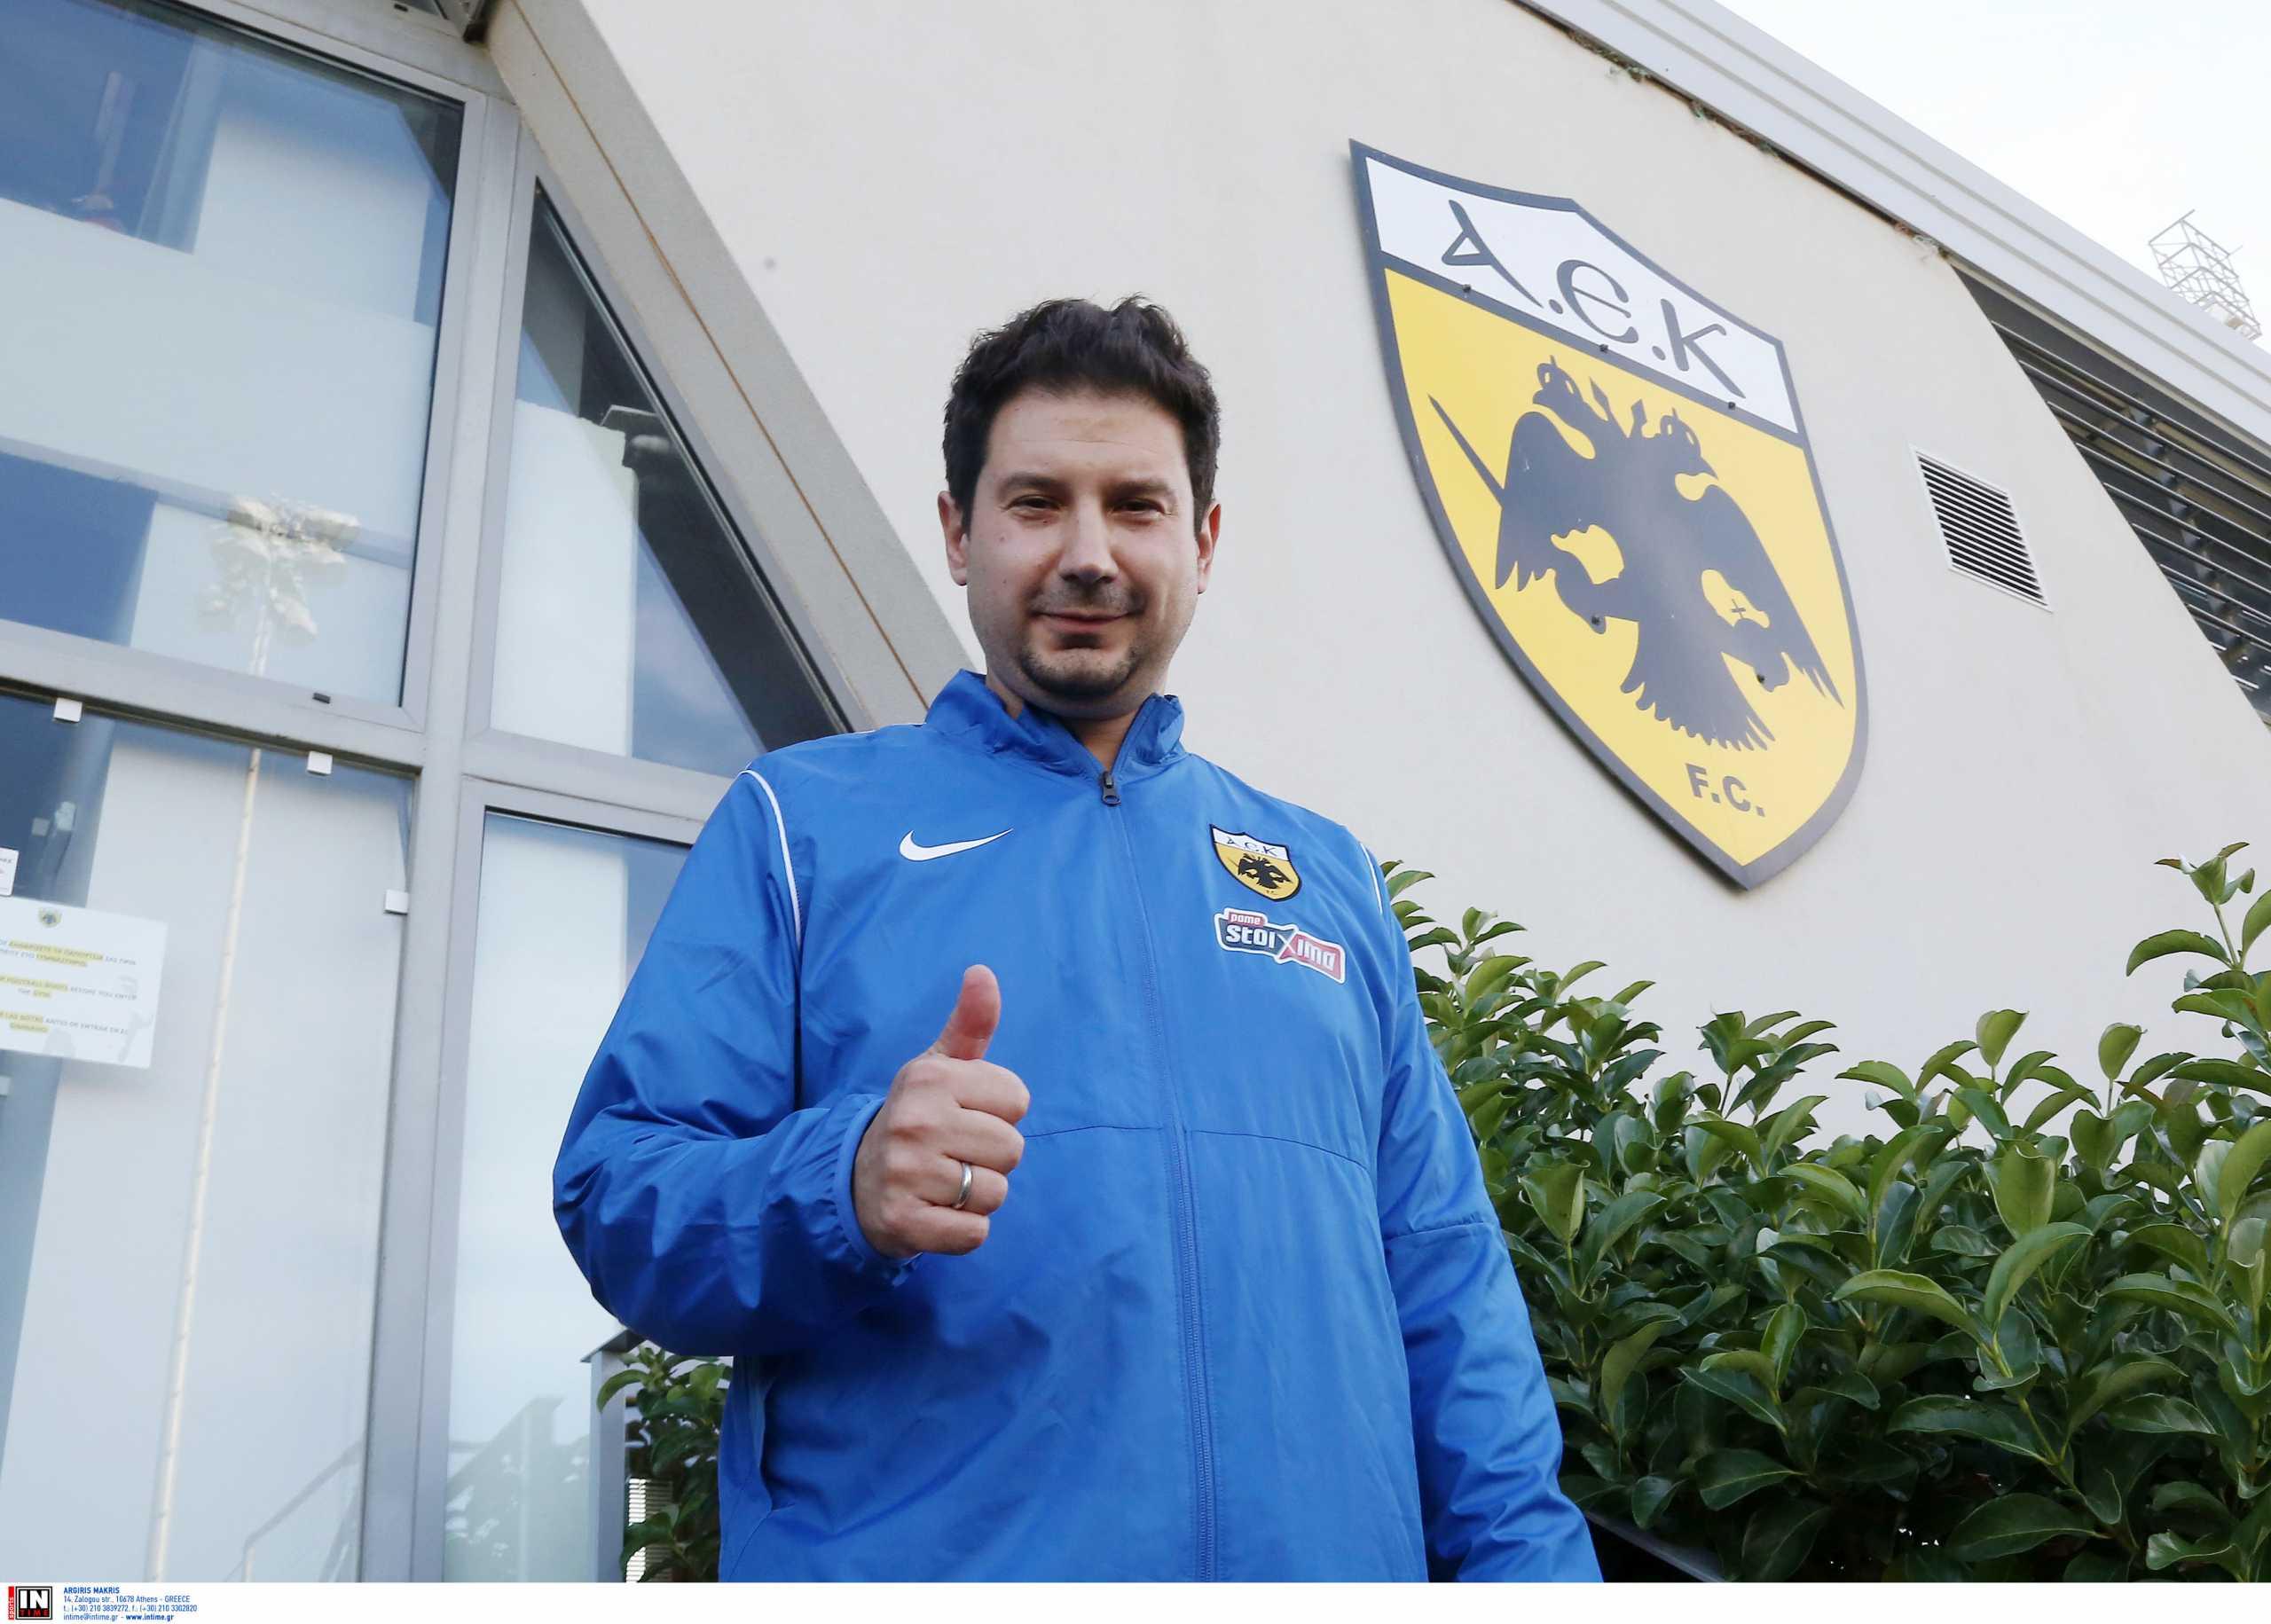 ΑΕΚ – Αργύρης Γιαννίκης: Την Πέμπτη (14/10) η παρουσίαση του νέου προπονητή